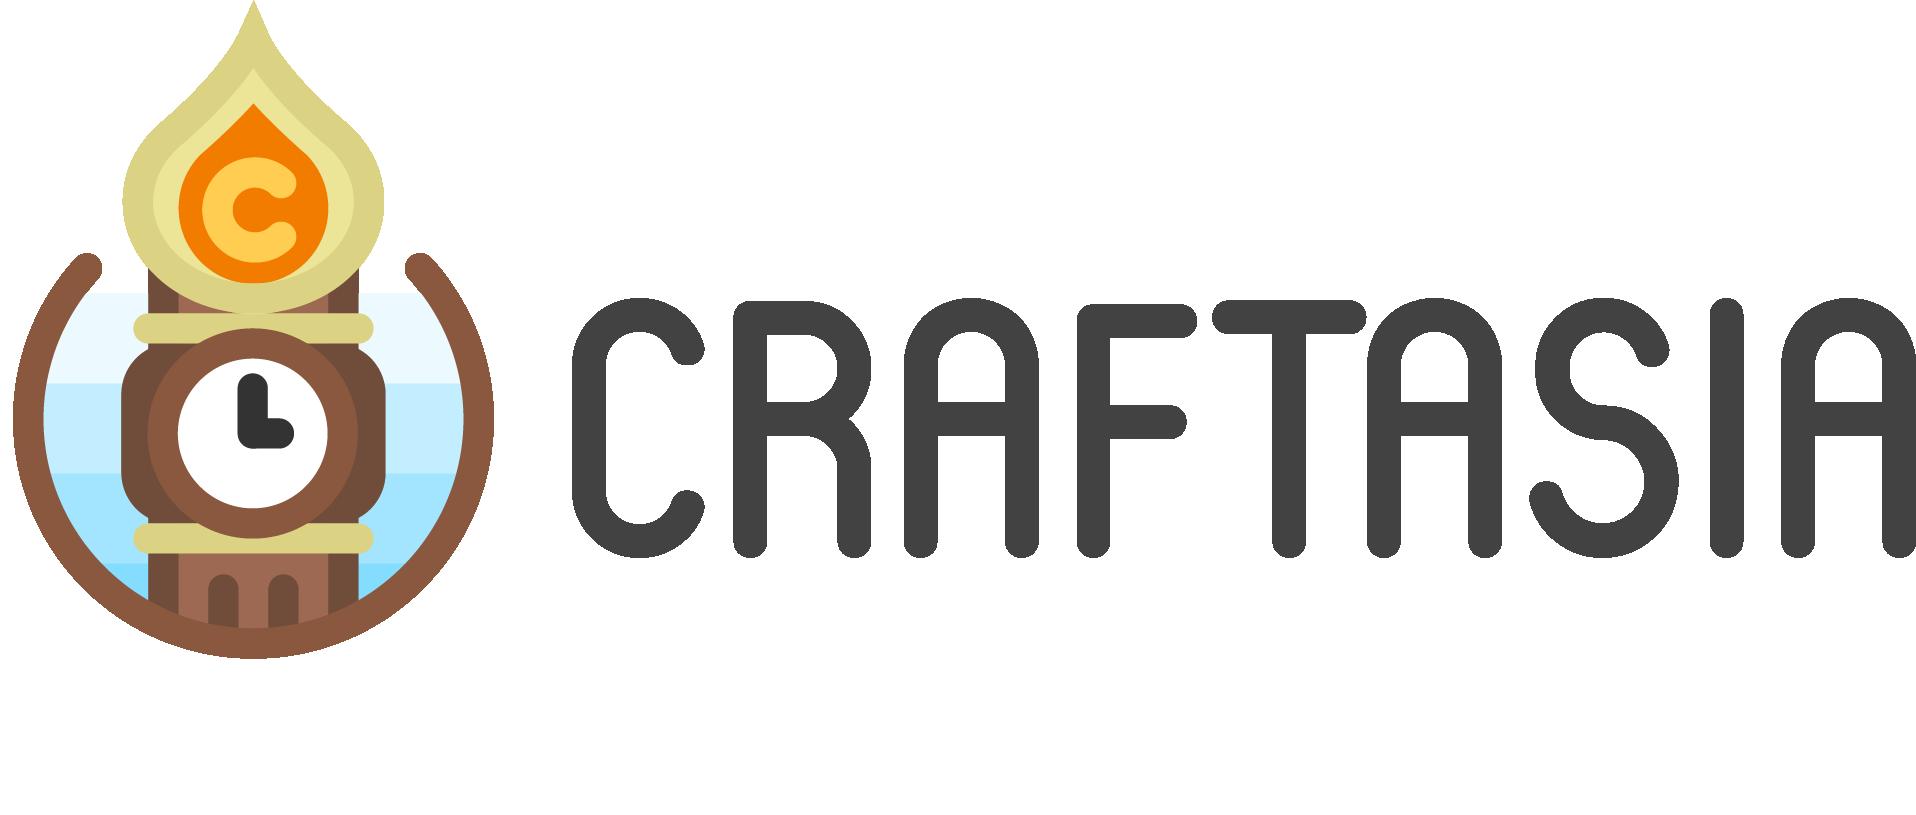 Craftasia